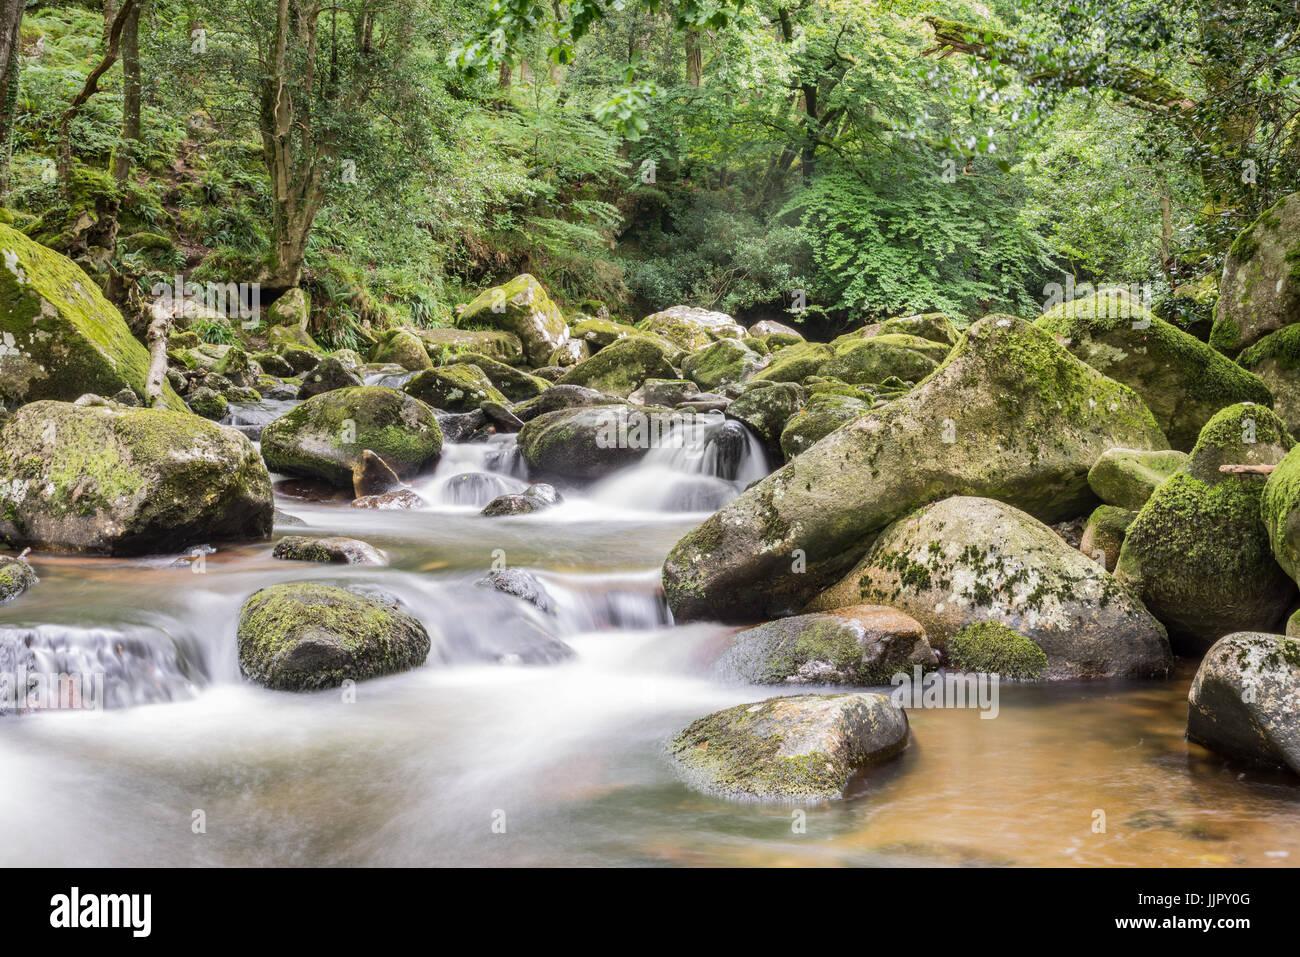 Une longue exposition photo de la rivière Plym à Devon Banque D'Images